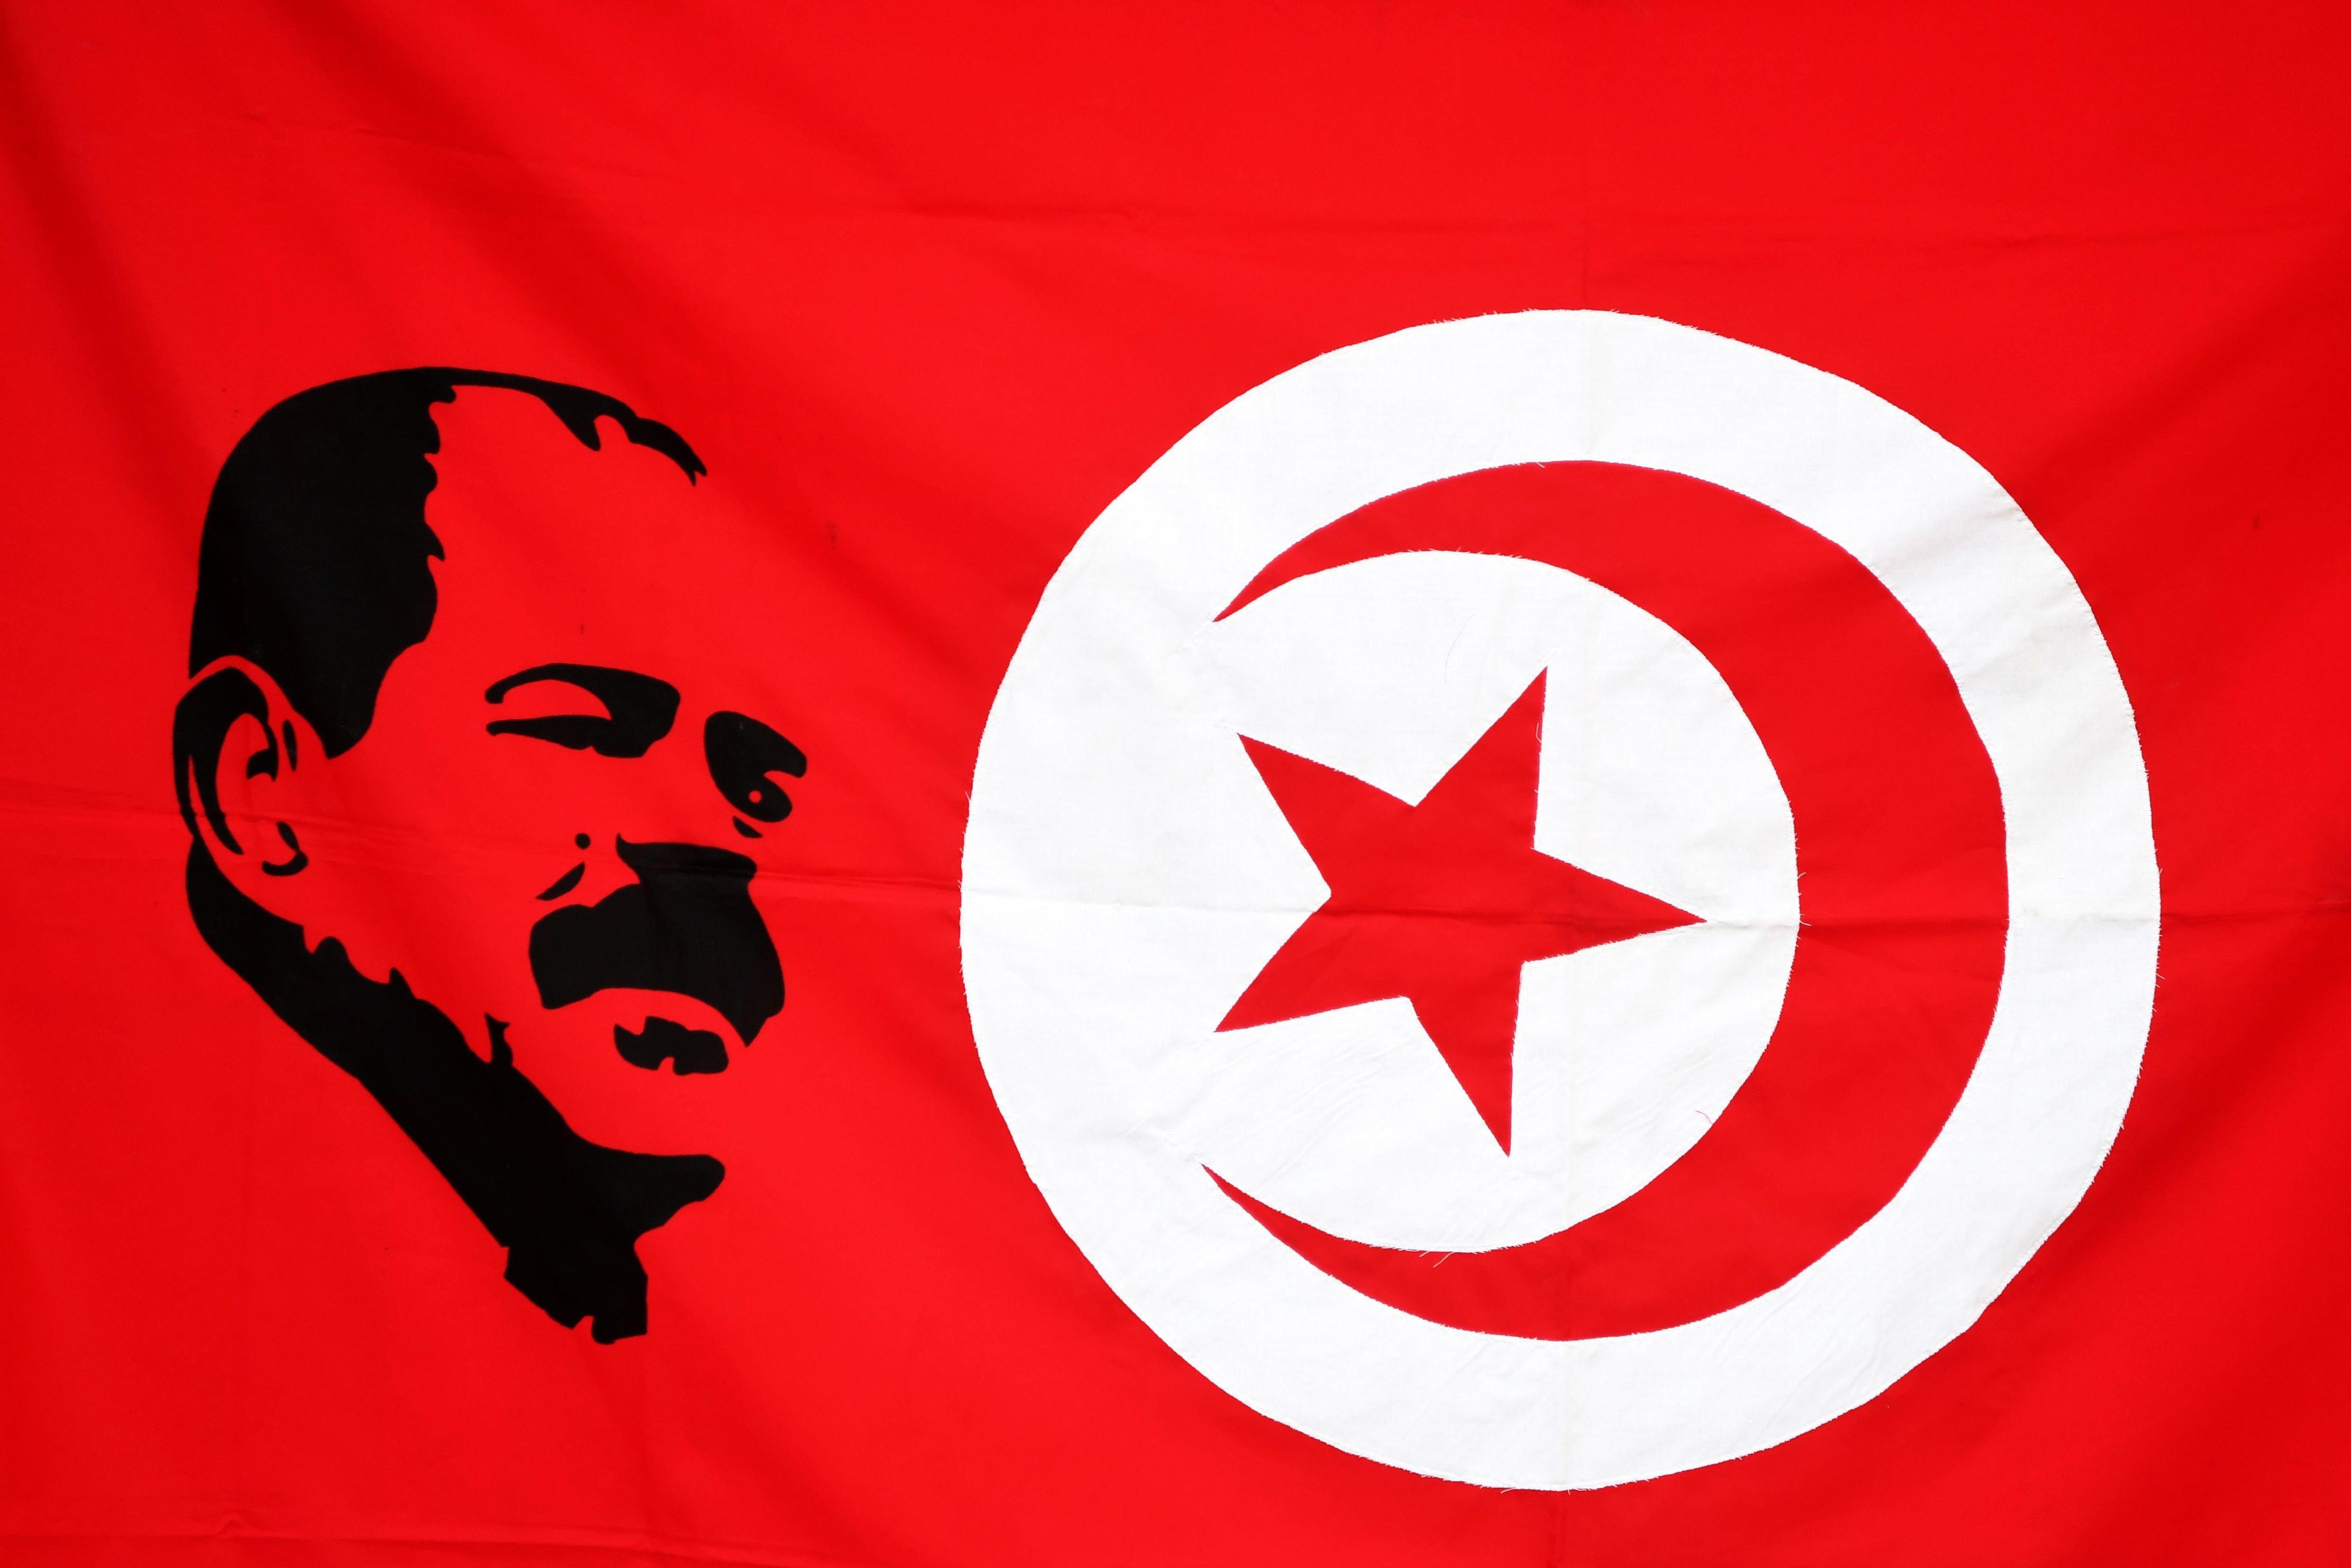 Le comité de défense de Chokri Belaïd et Mohamed Brahmi tire à boulets rouges sur